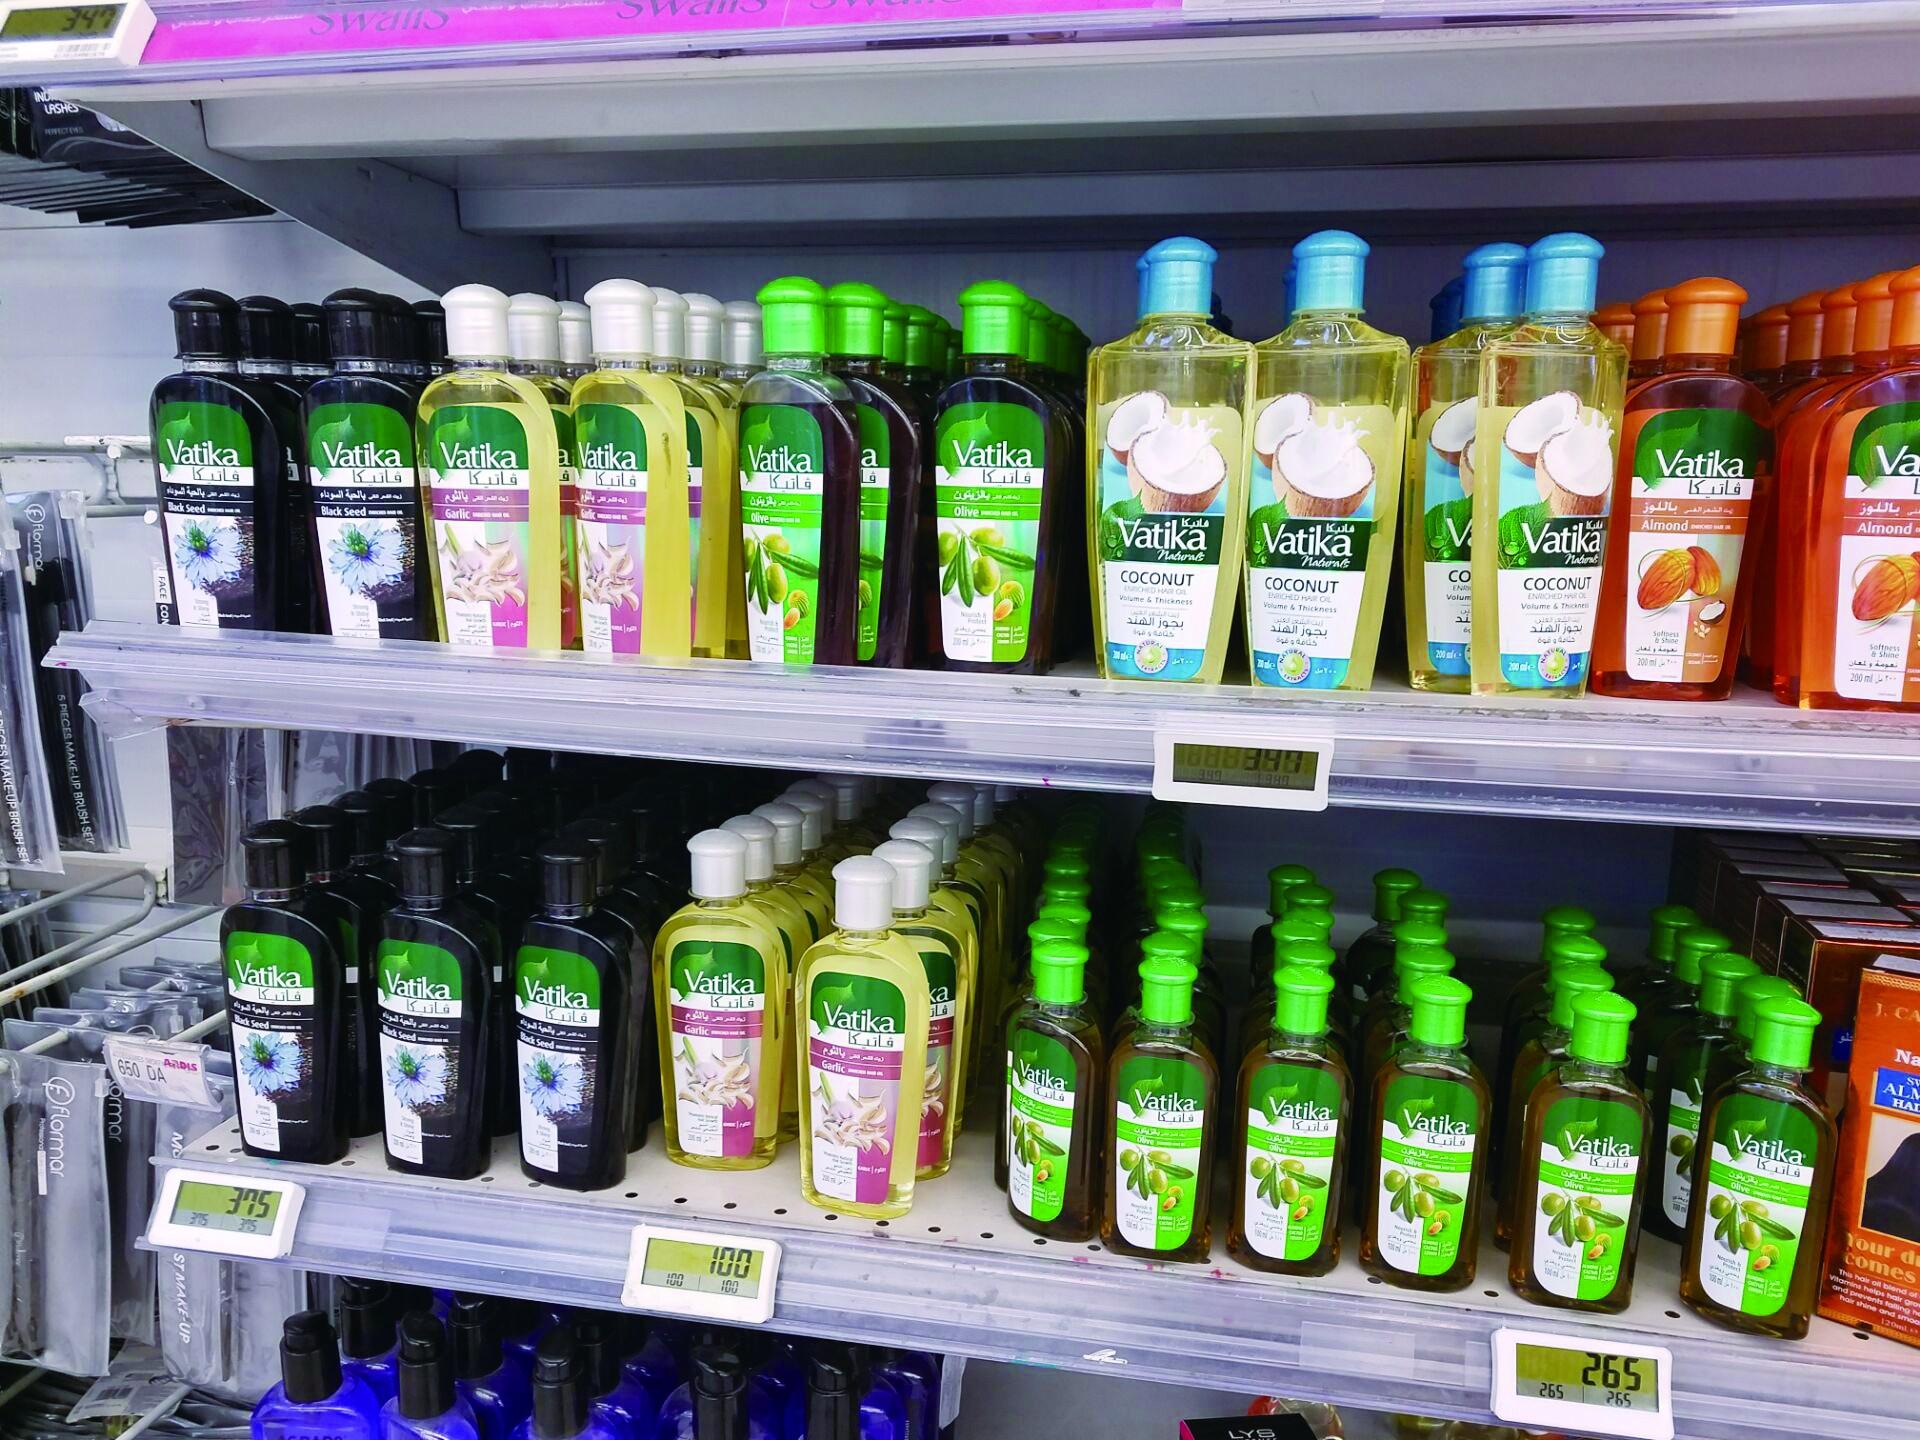 天然提取变废为宝 北非花园摩洛哥盛产美容油